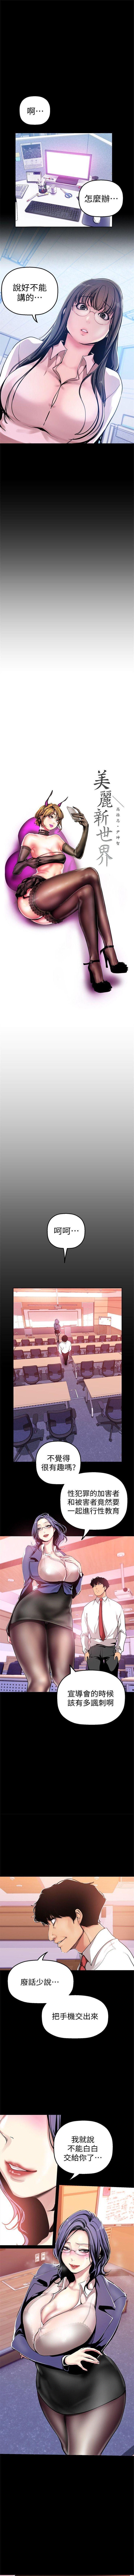 (周6)美丽新世界 1-61 中文翻译 (更新中) 257